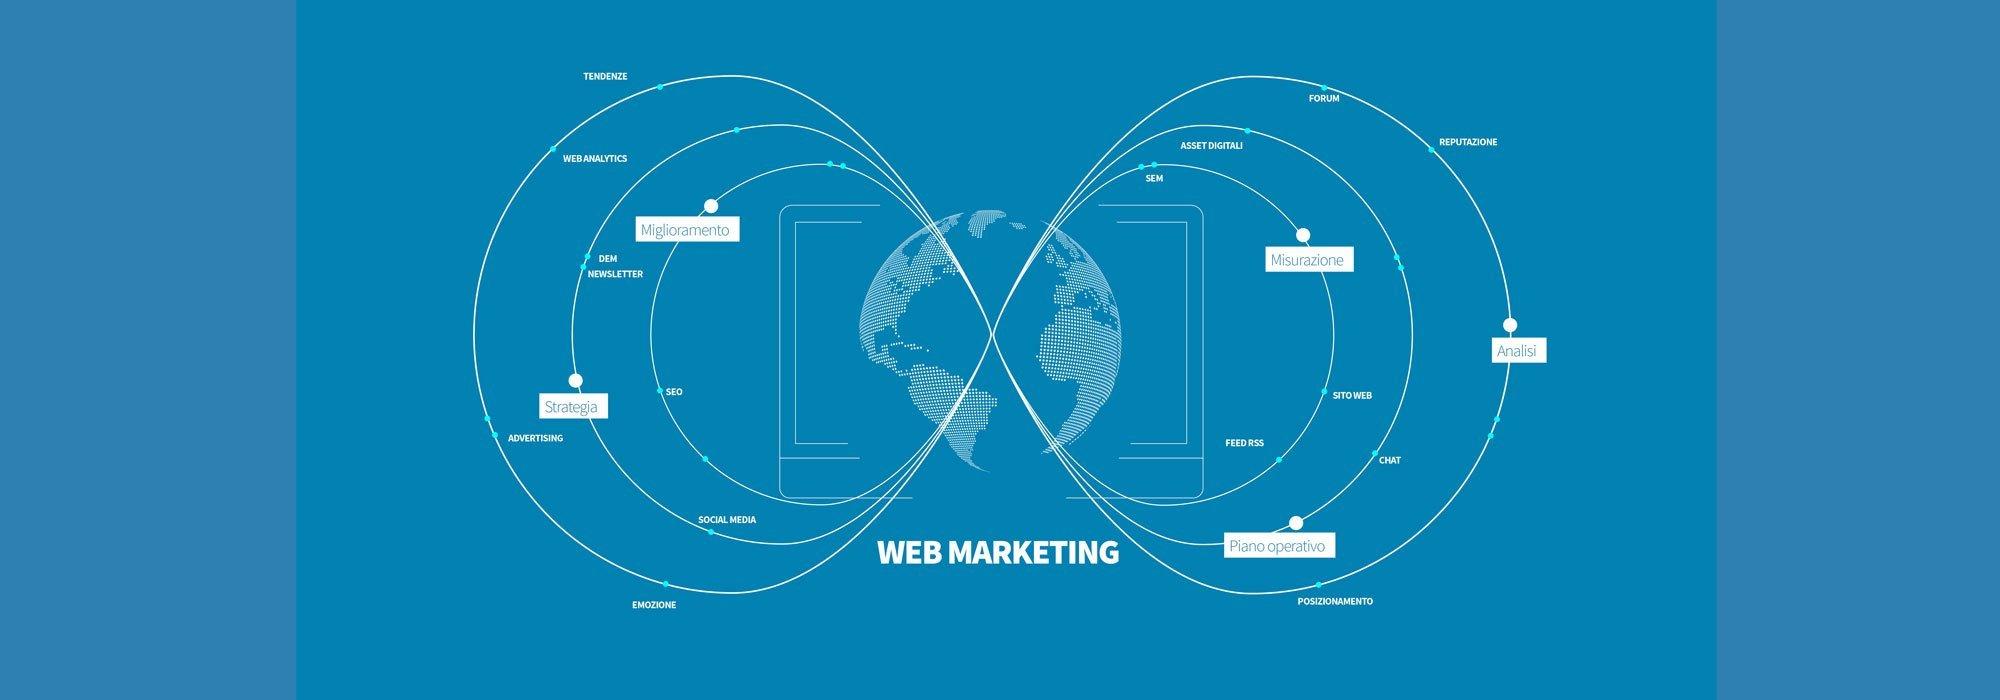 Web Marketing, il nuovo alleato per il tuo business